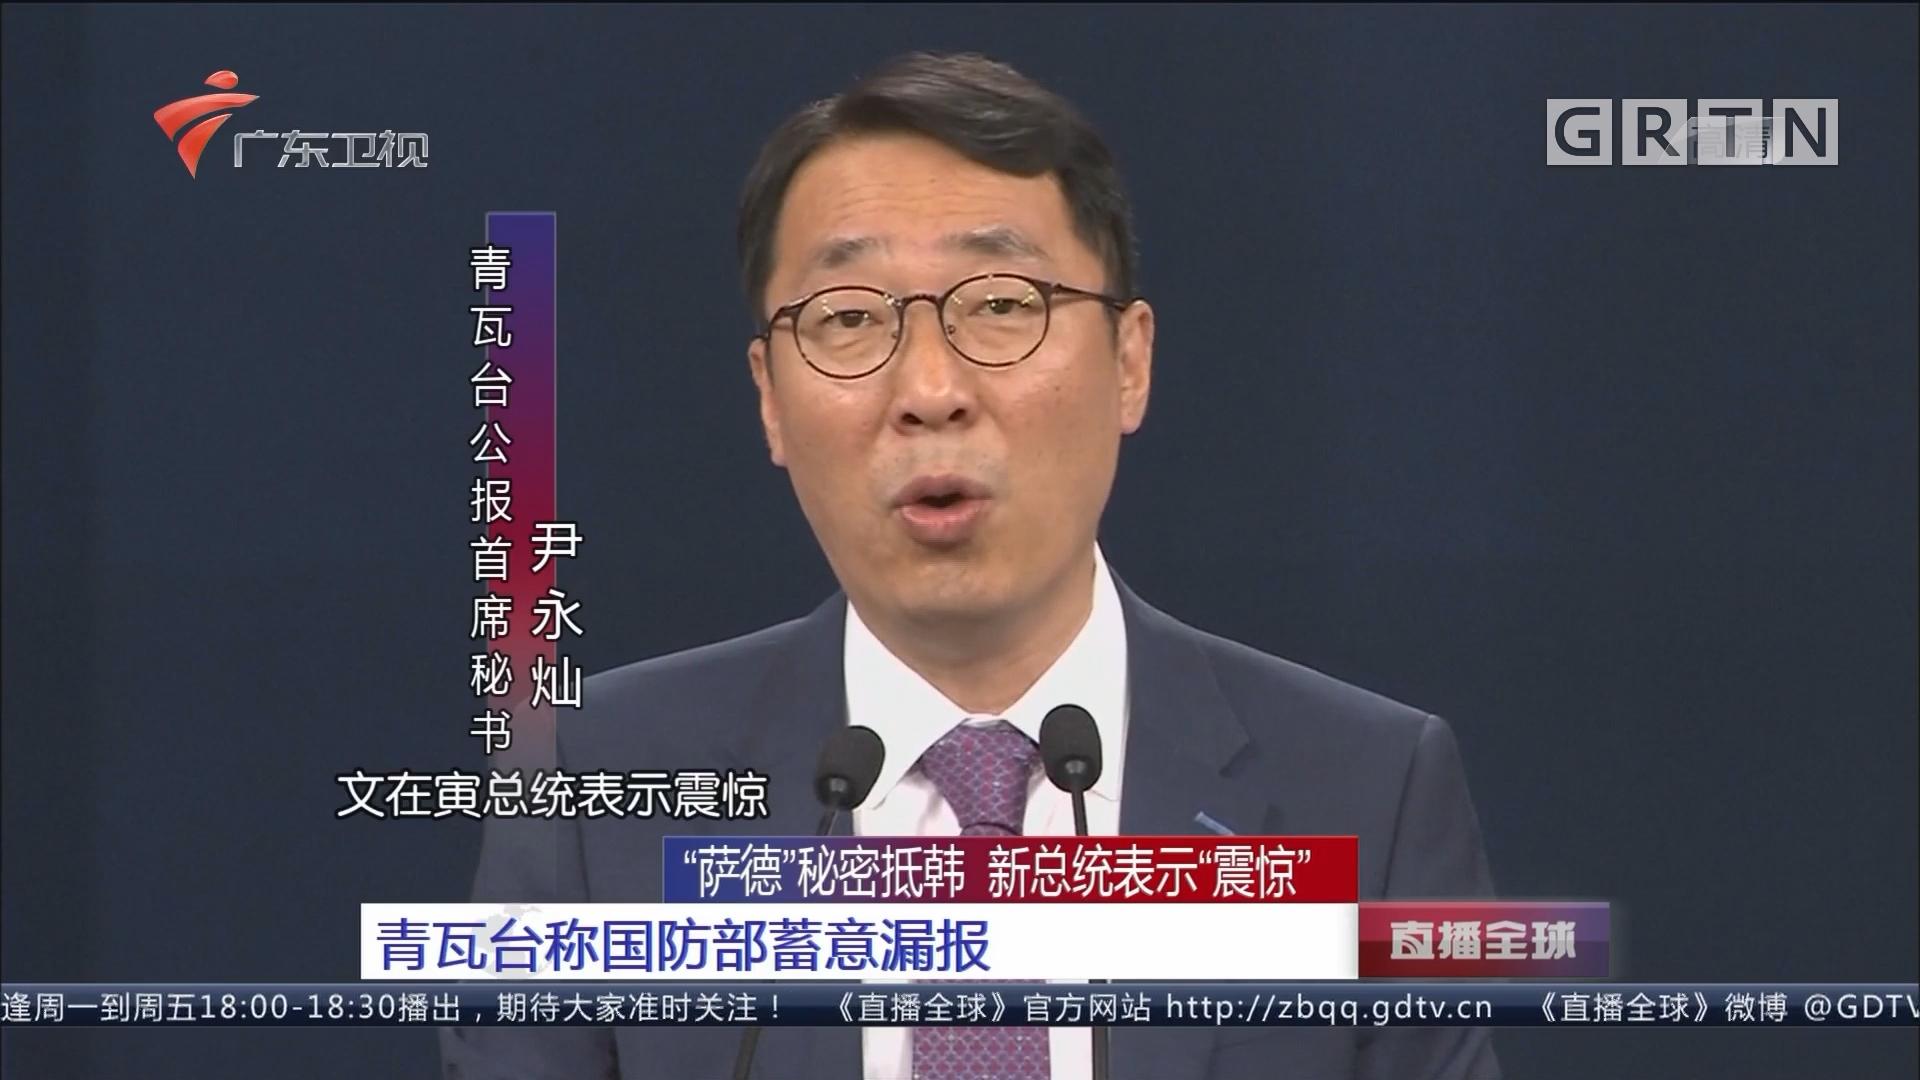 """""""萨德""""秘密抵韩 新总统表示""""震惊""""青瓦台称国防部蓄意漏报"""